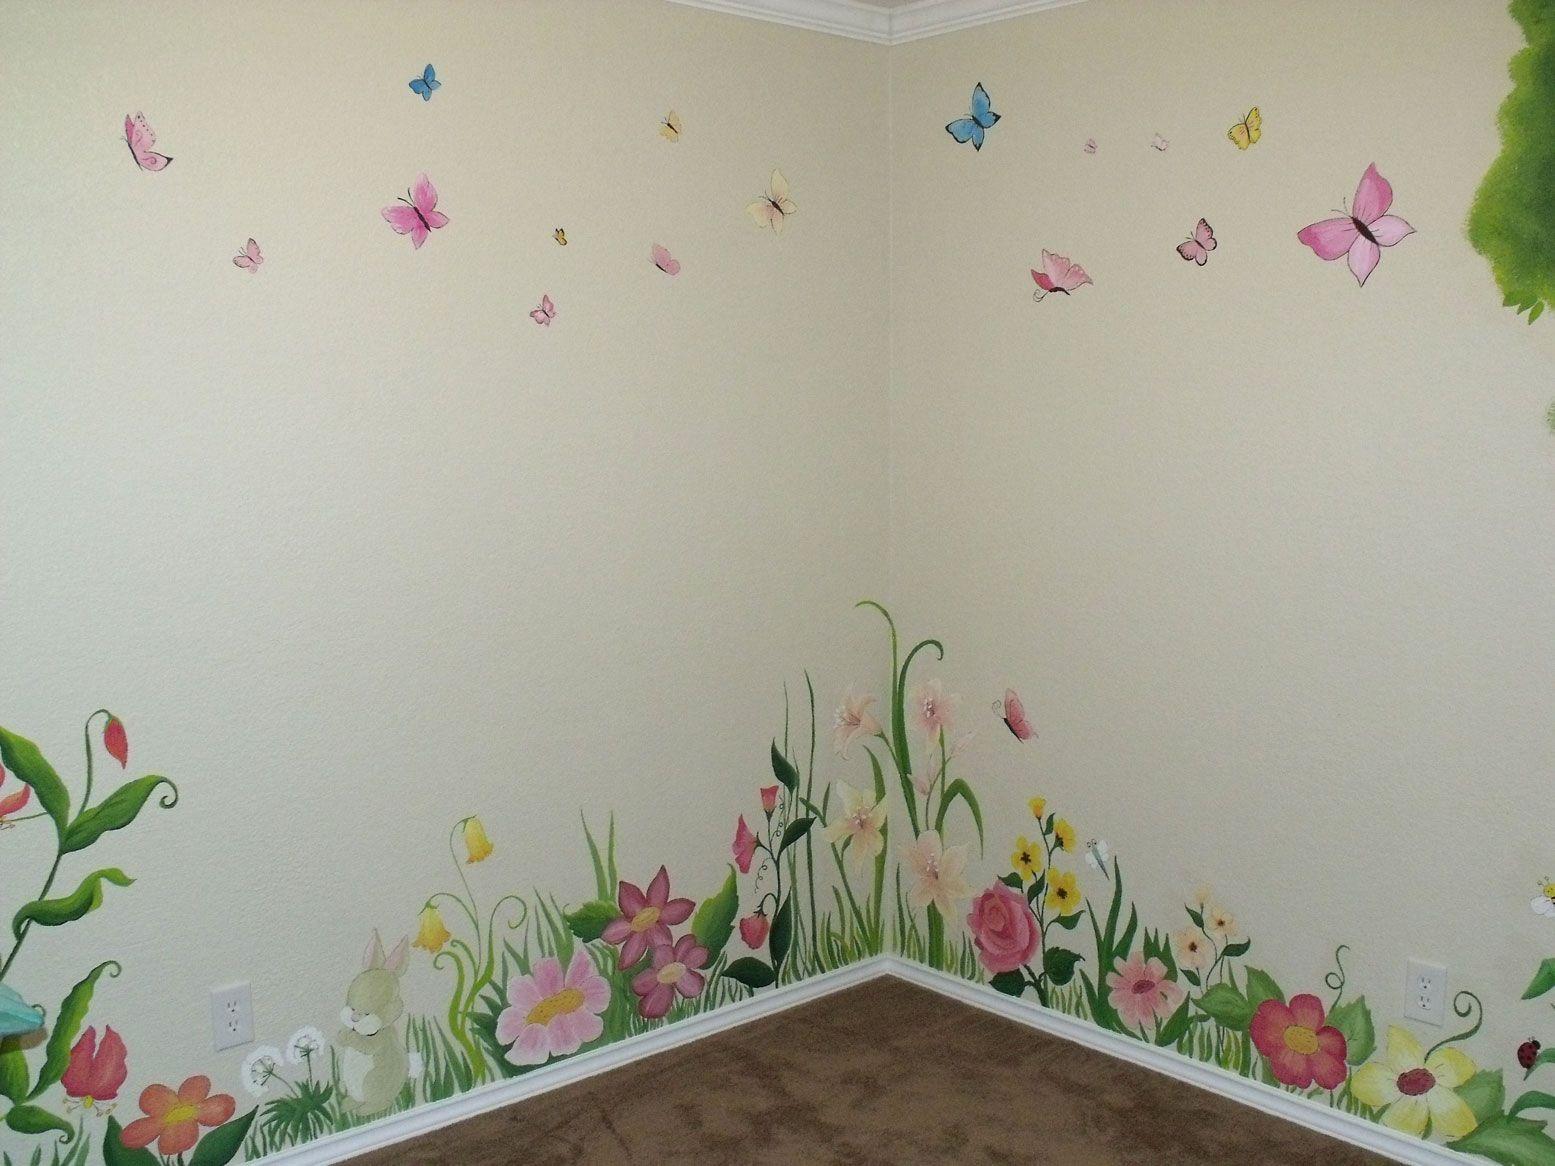 Children s murals diy paint by number wall murals - Best 25 Nursery Wall Murals Ideas On Pinterest Nursery Murals Murals And Tree Wall Murals